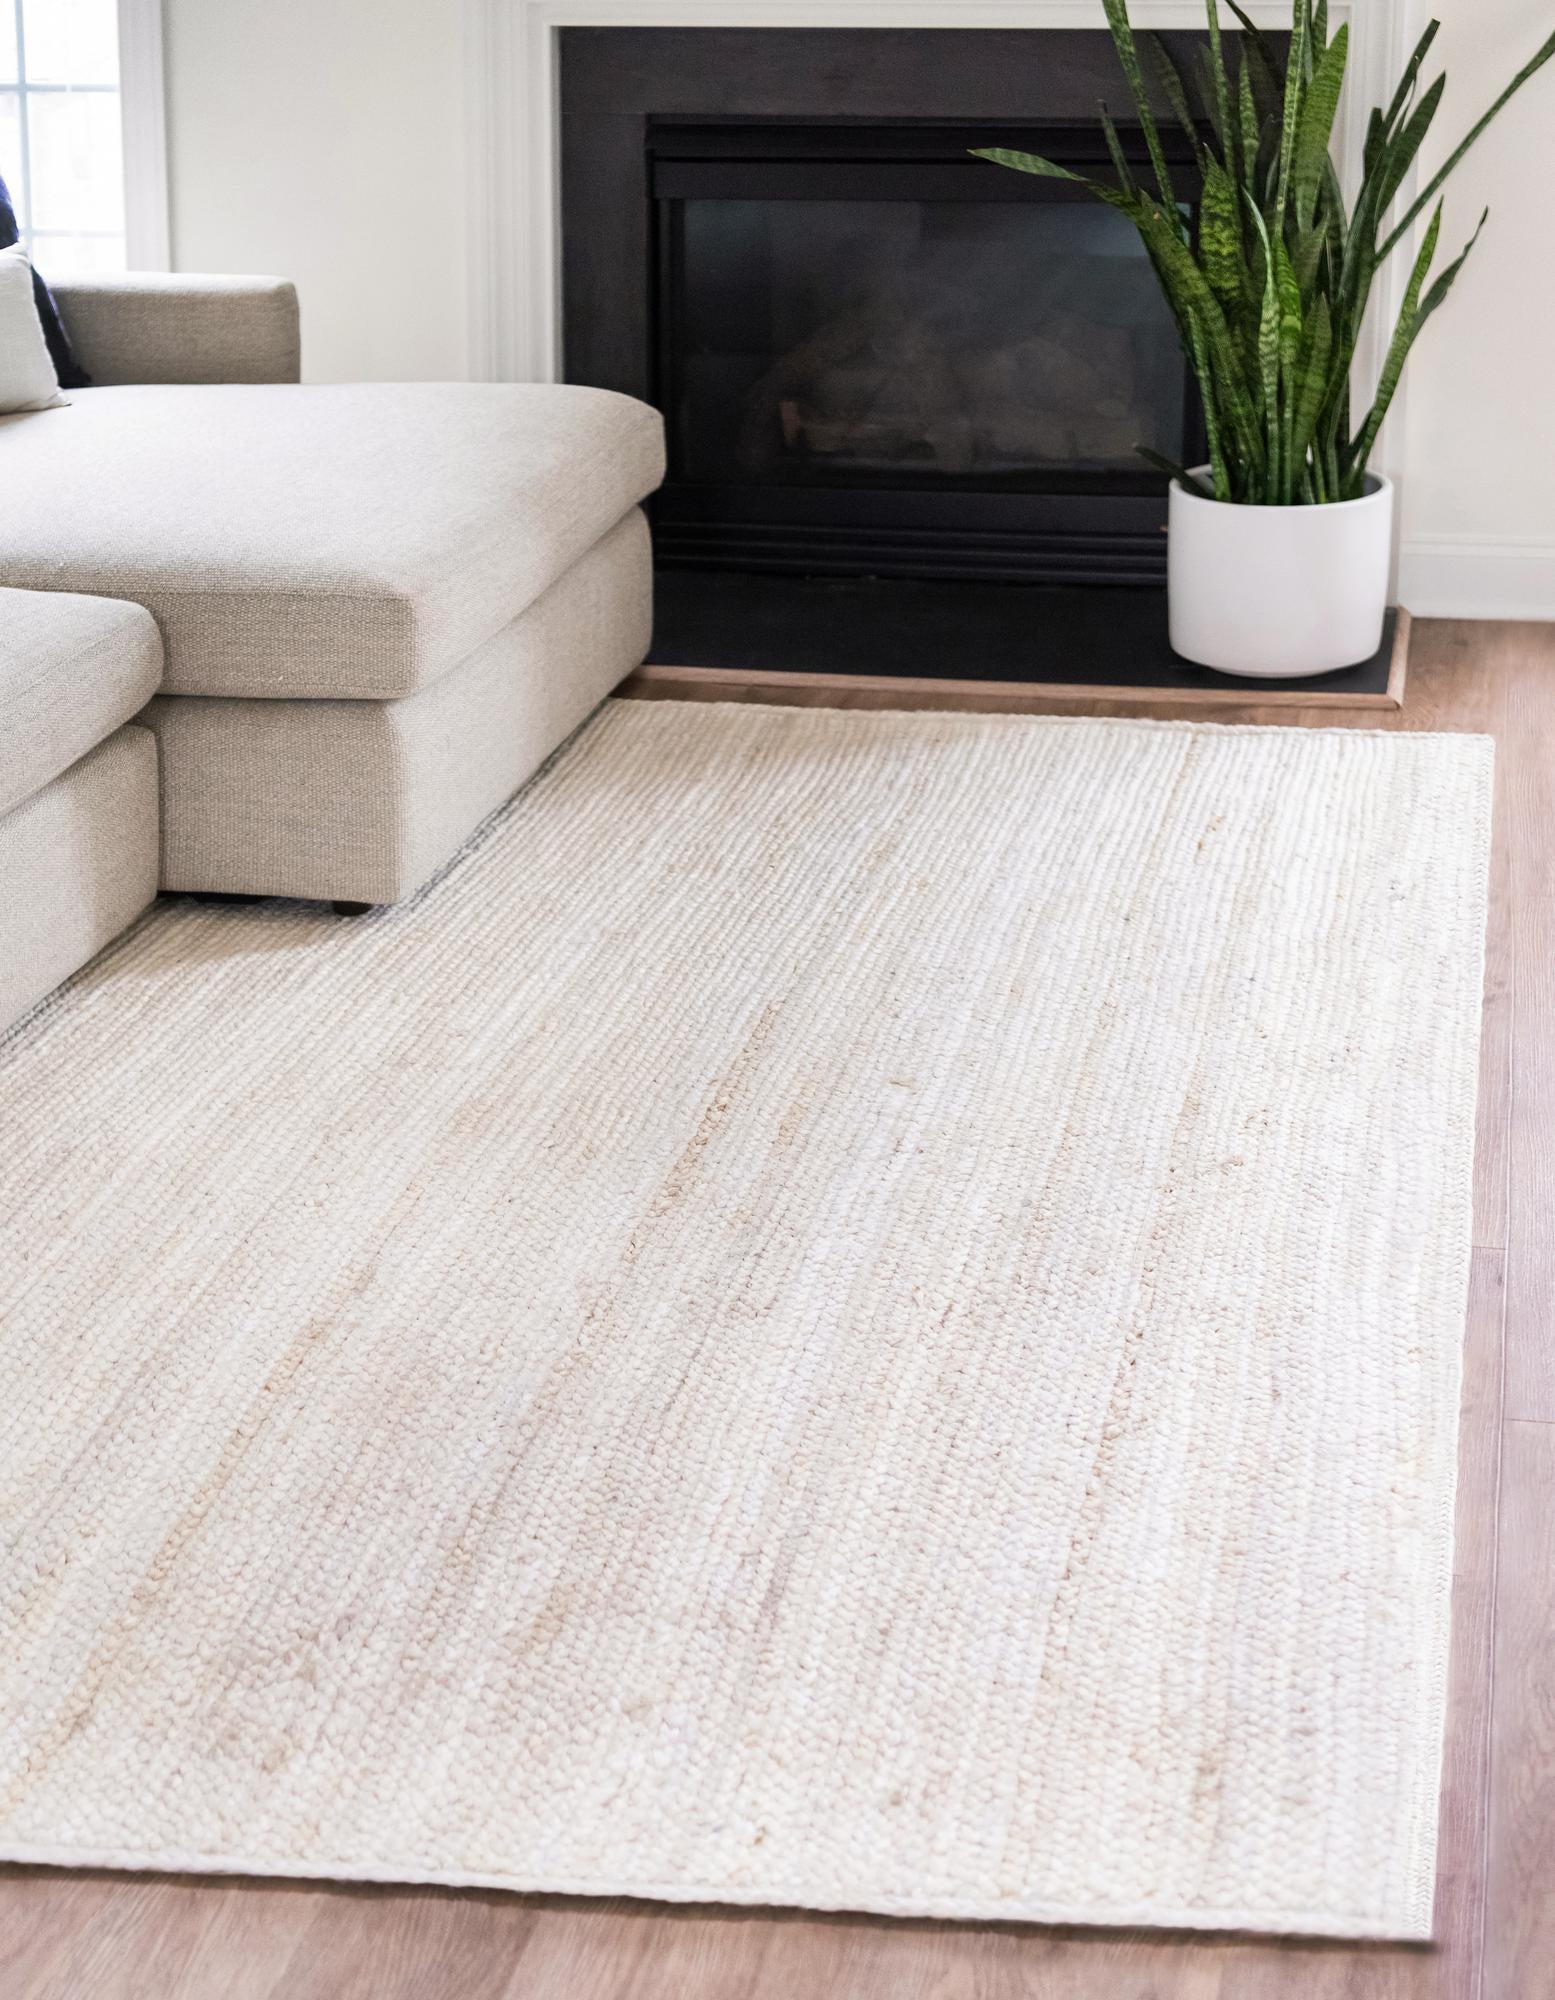 boho rug free shipping 6X9 vintage rug 4X6 new rug living room rug 8X10 ft 5X8 wool jute rugs jute area rug wool jute mat